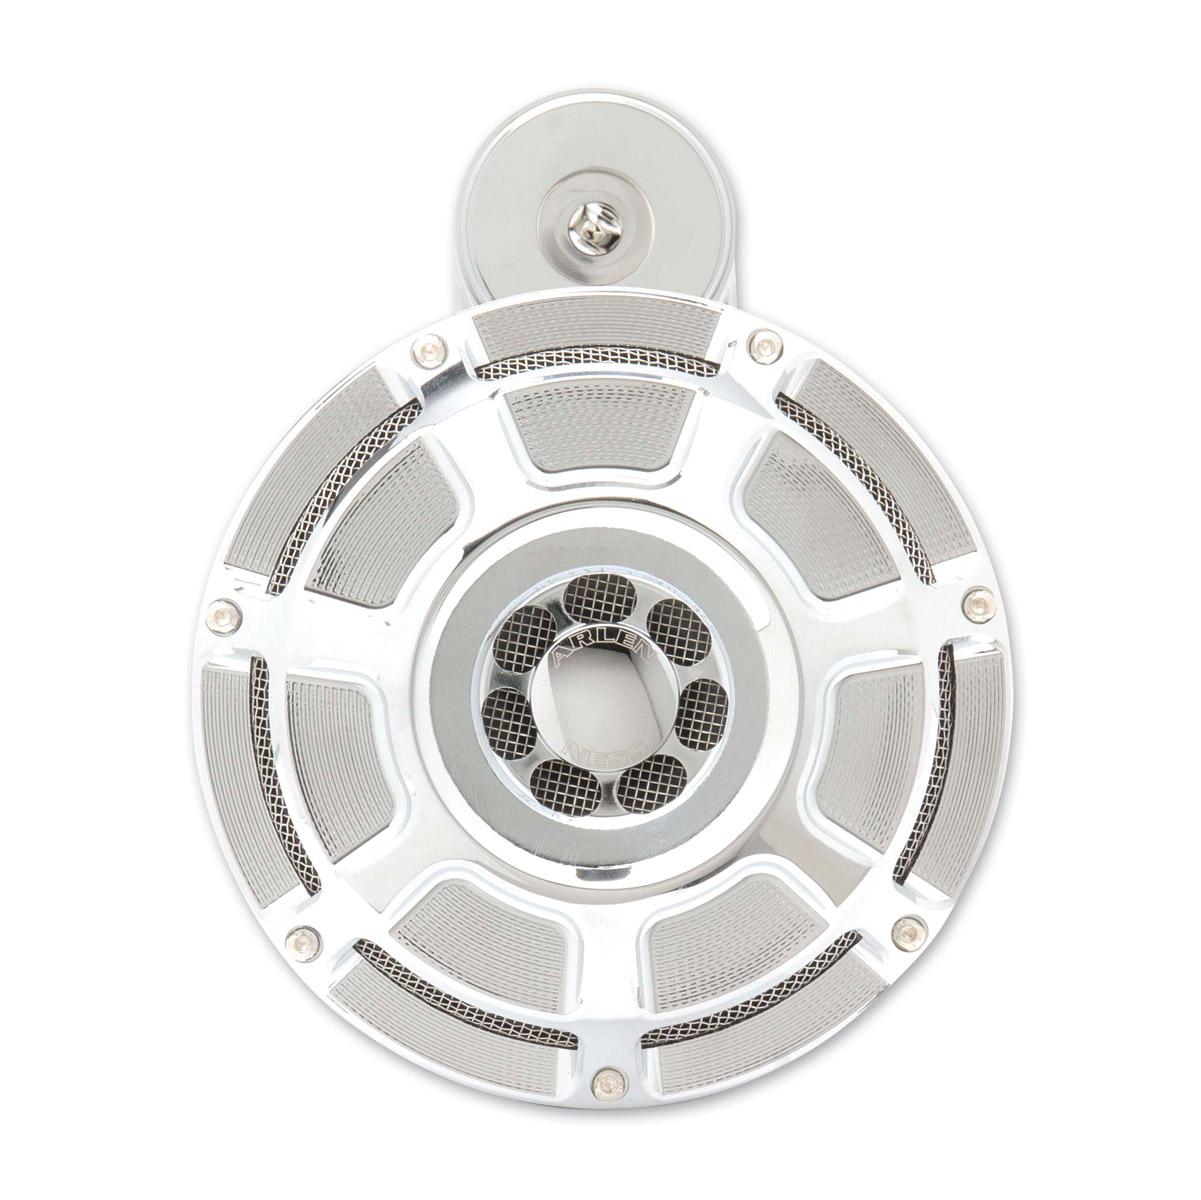 Arlen Ness Beveled Chrome Universal Horn Kit